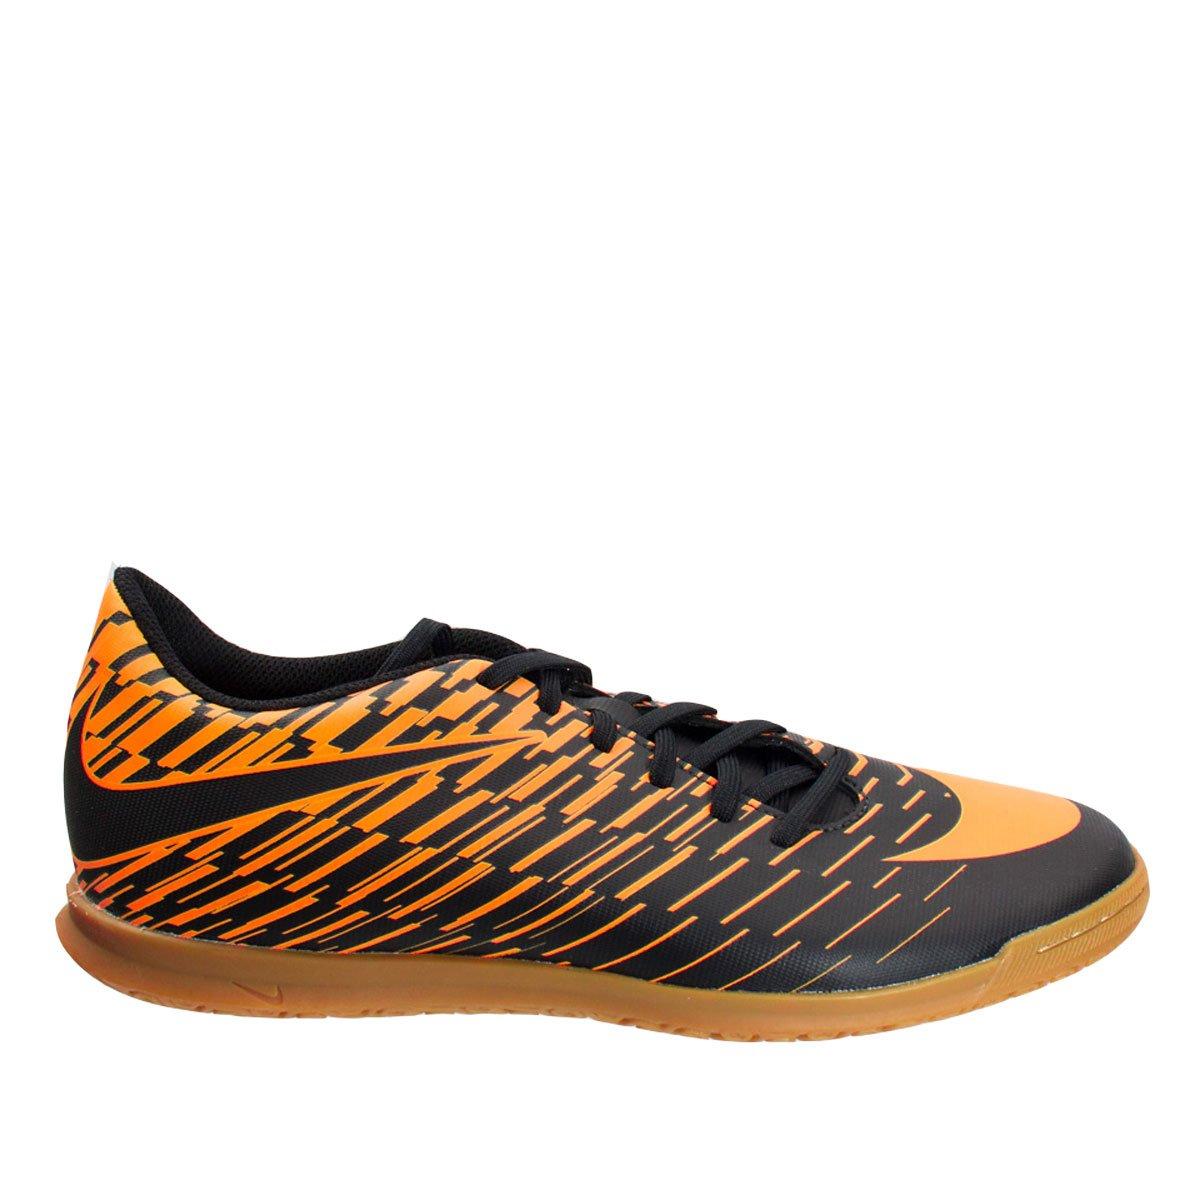 Bizz Store - Chuteira Futsal Masculina Nike Bravata II IC 6a6a513fcd3e8